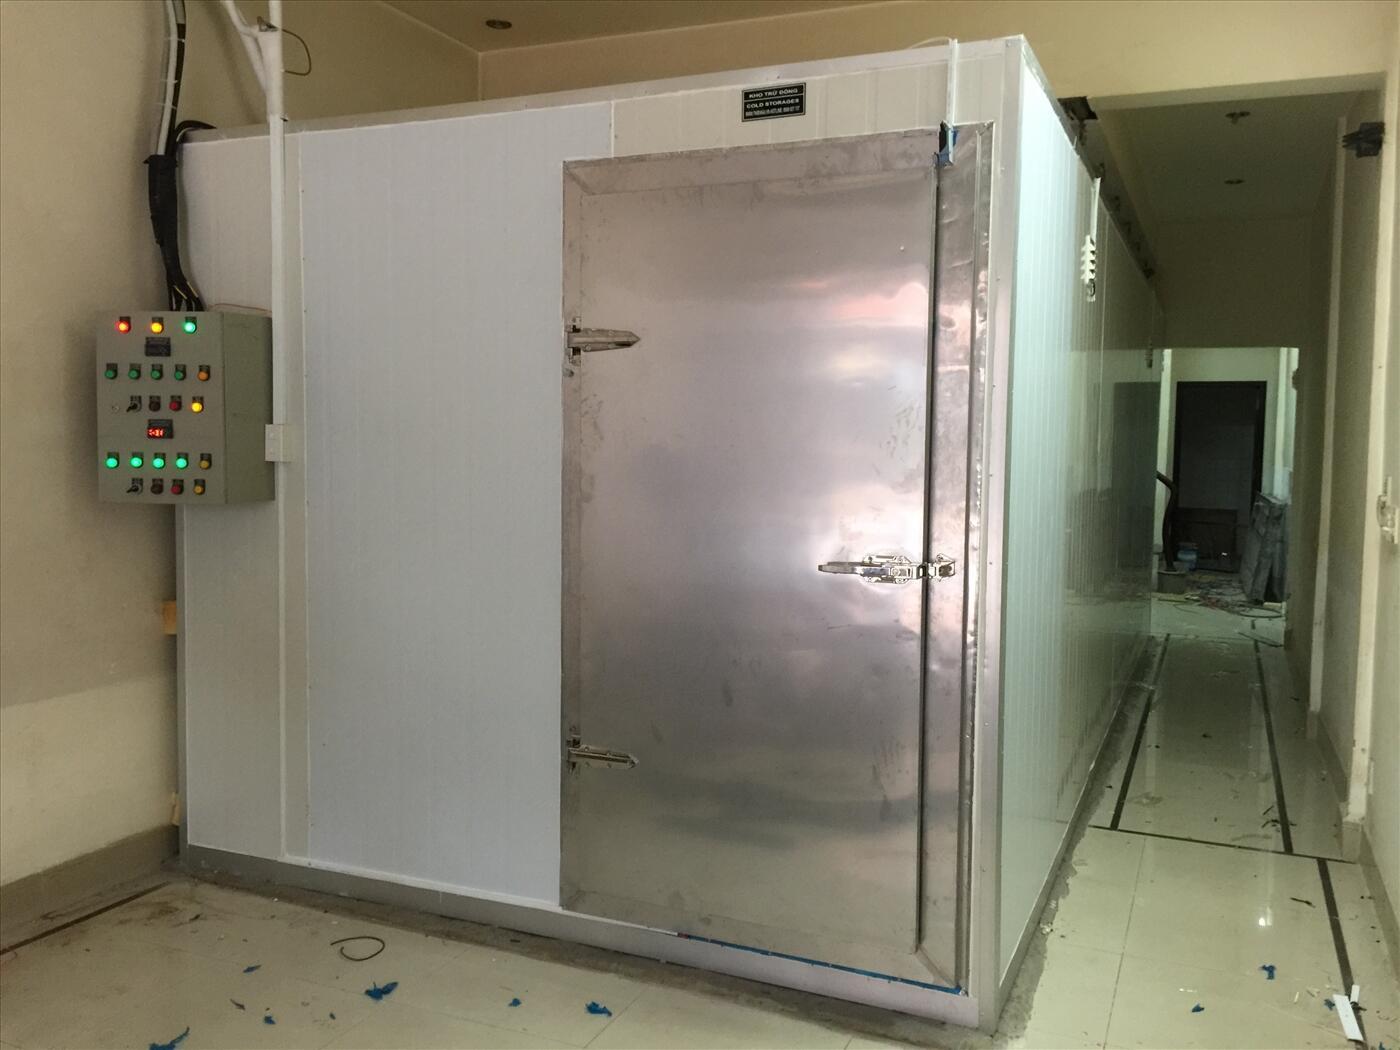 Kho Lạnh Vắc Xin | Kho Lạnh Dược Phẩm, Phòng Sạch Dược